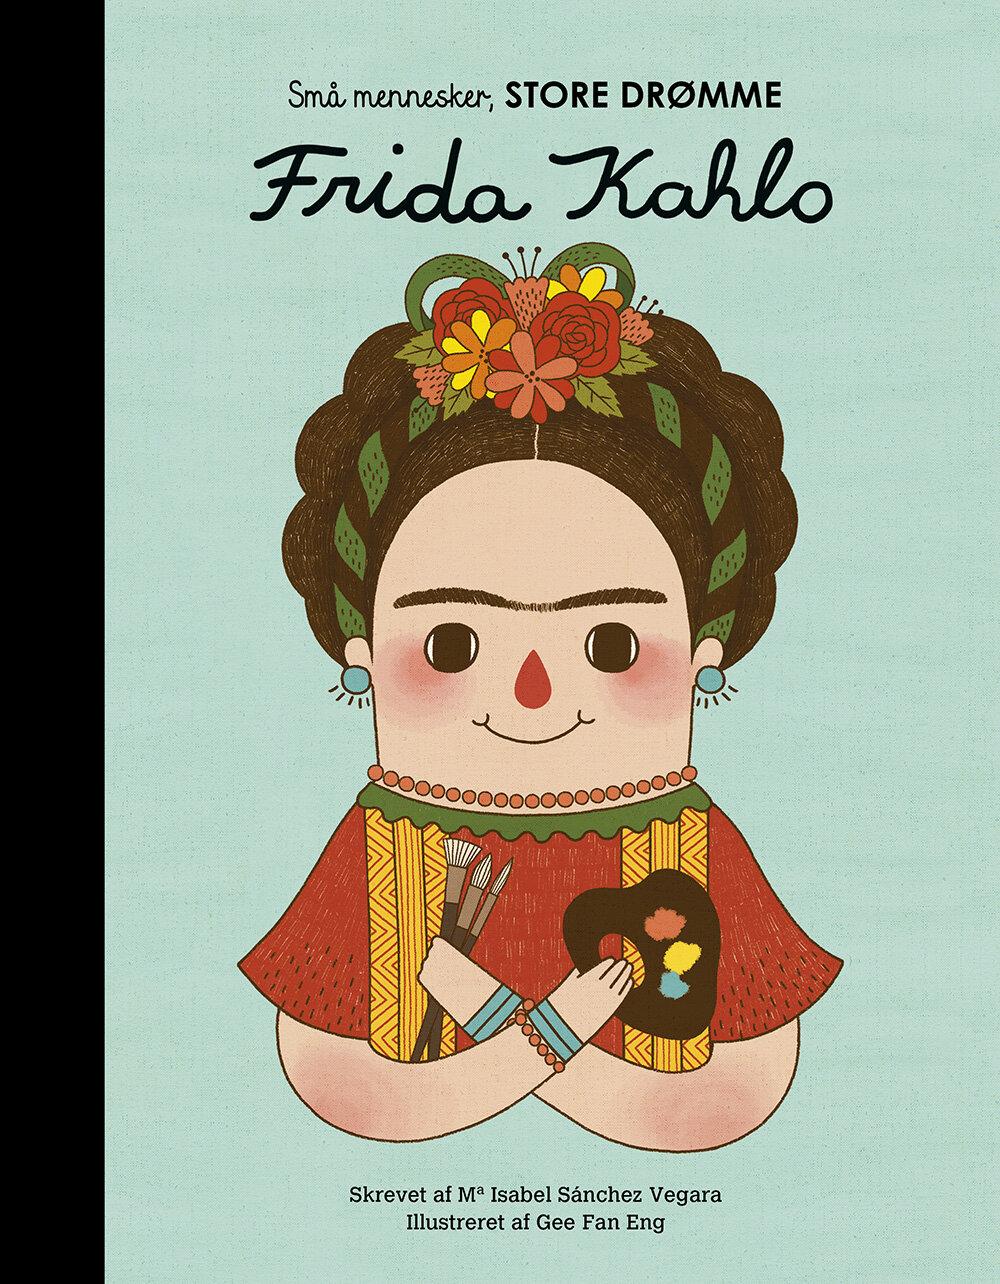 FridaKahlo_DK_omslag.jpg